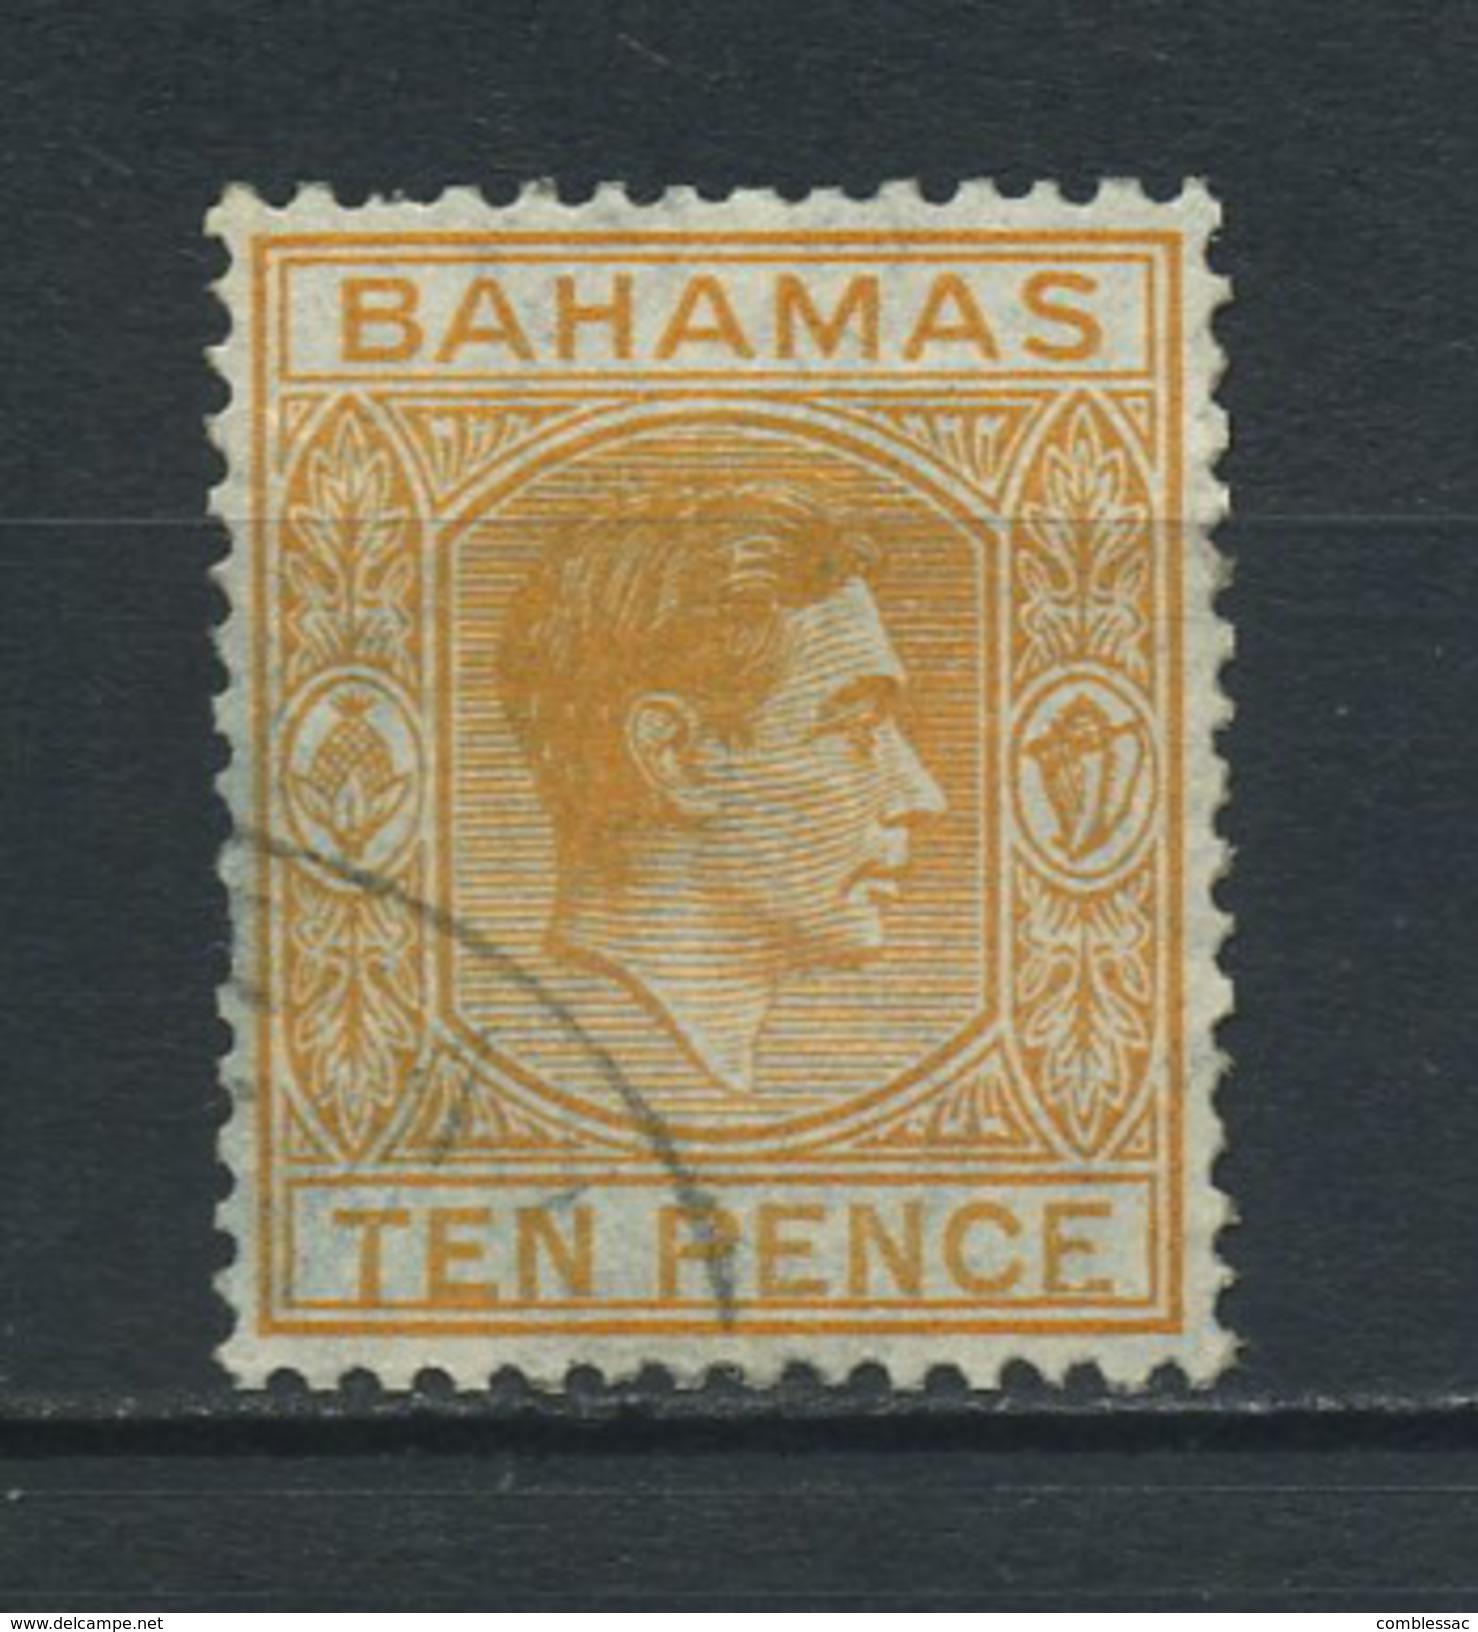 BAHAMAS    1938   10d  Yellow  Orange    USED - Bahamas (...-1973)